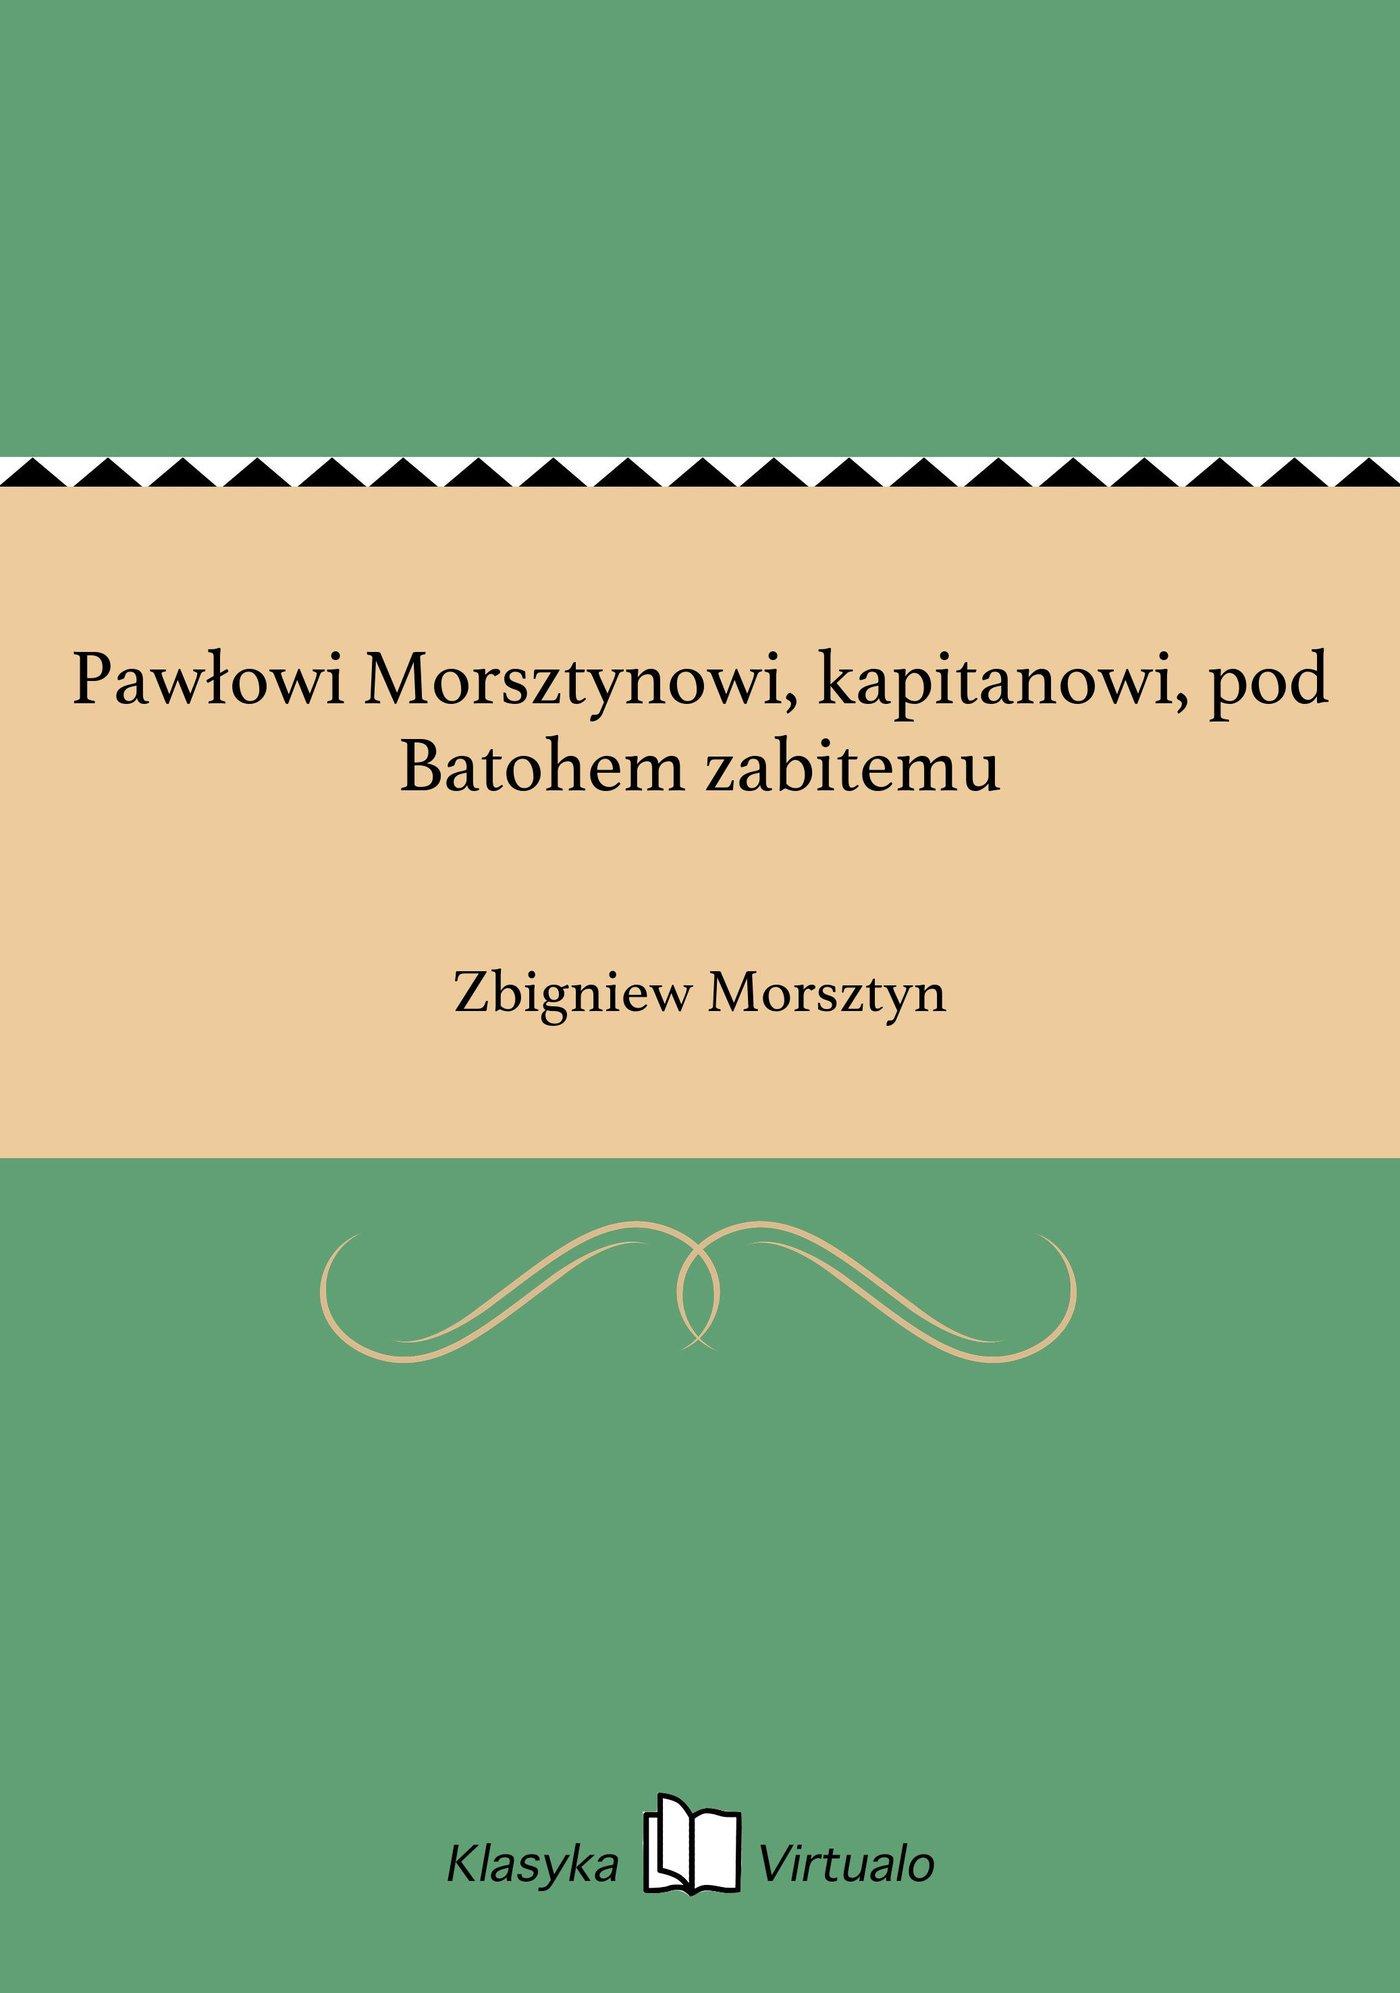 Pawłowi Morsztynowi, kapitanowi, pod Batohem zabitemu - Ebook (Książka EPUB) do pobrania w formacie EPUB